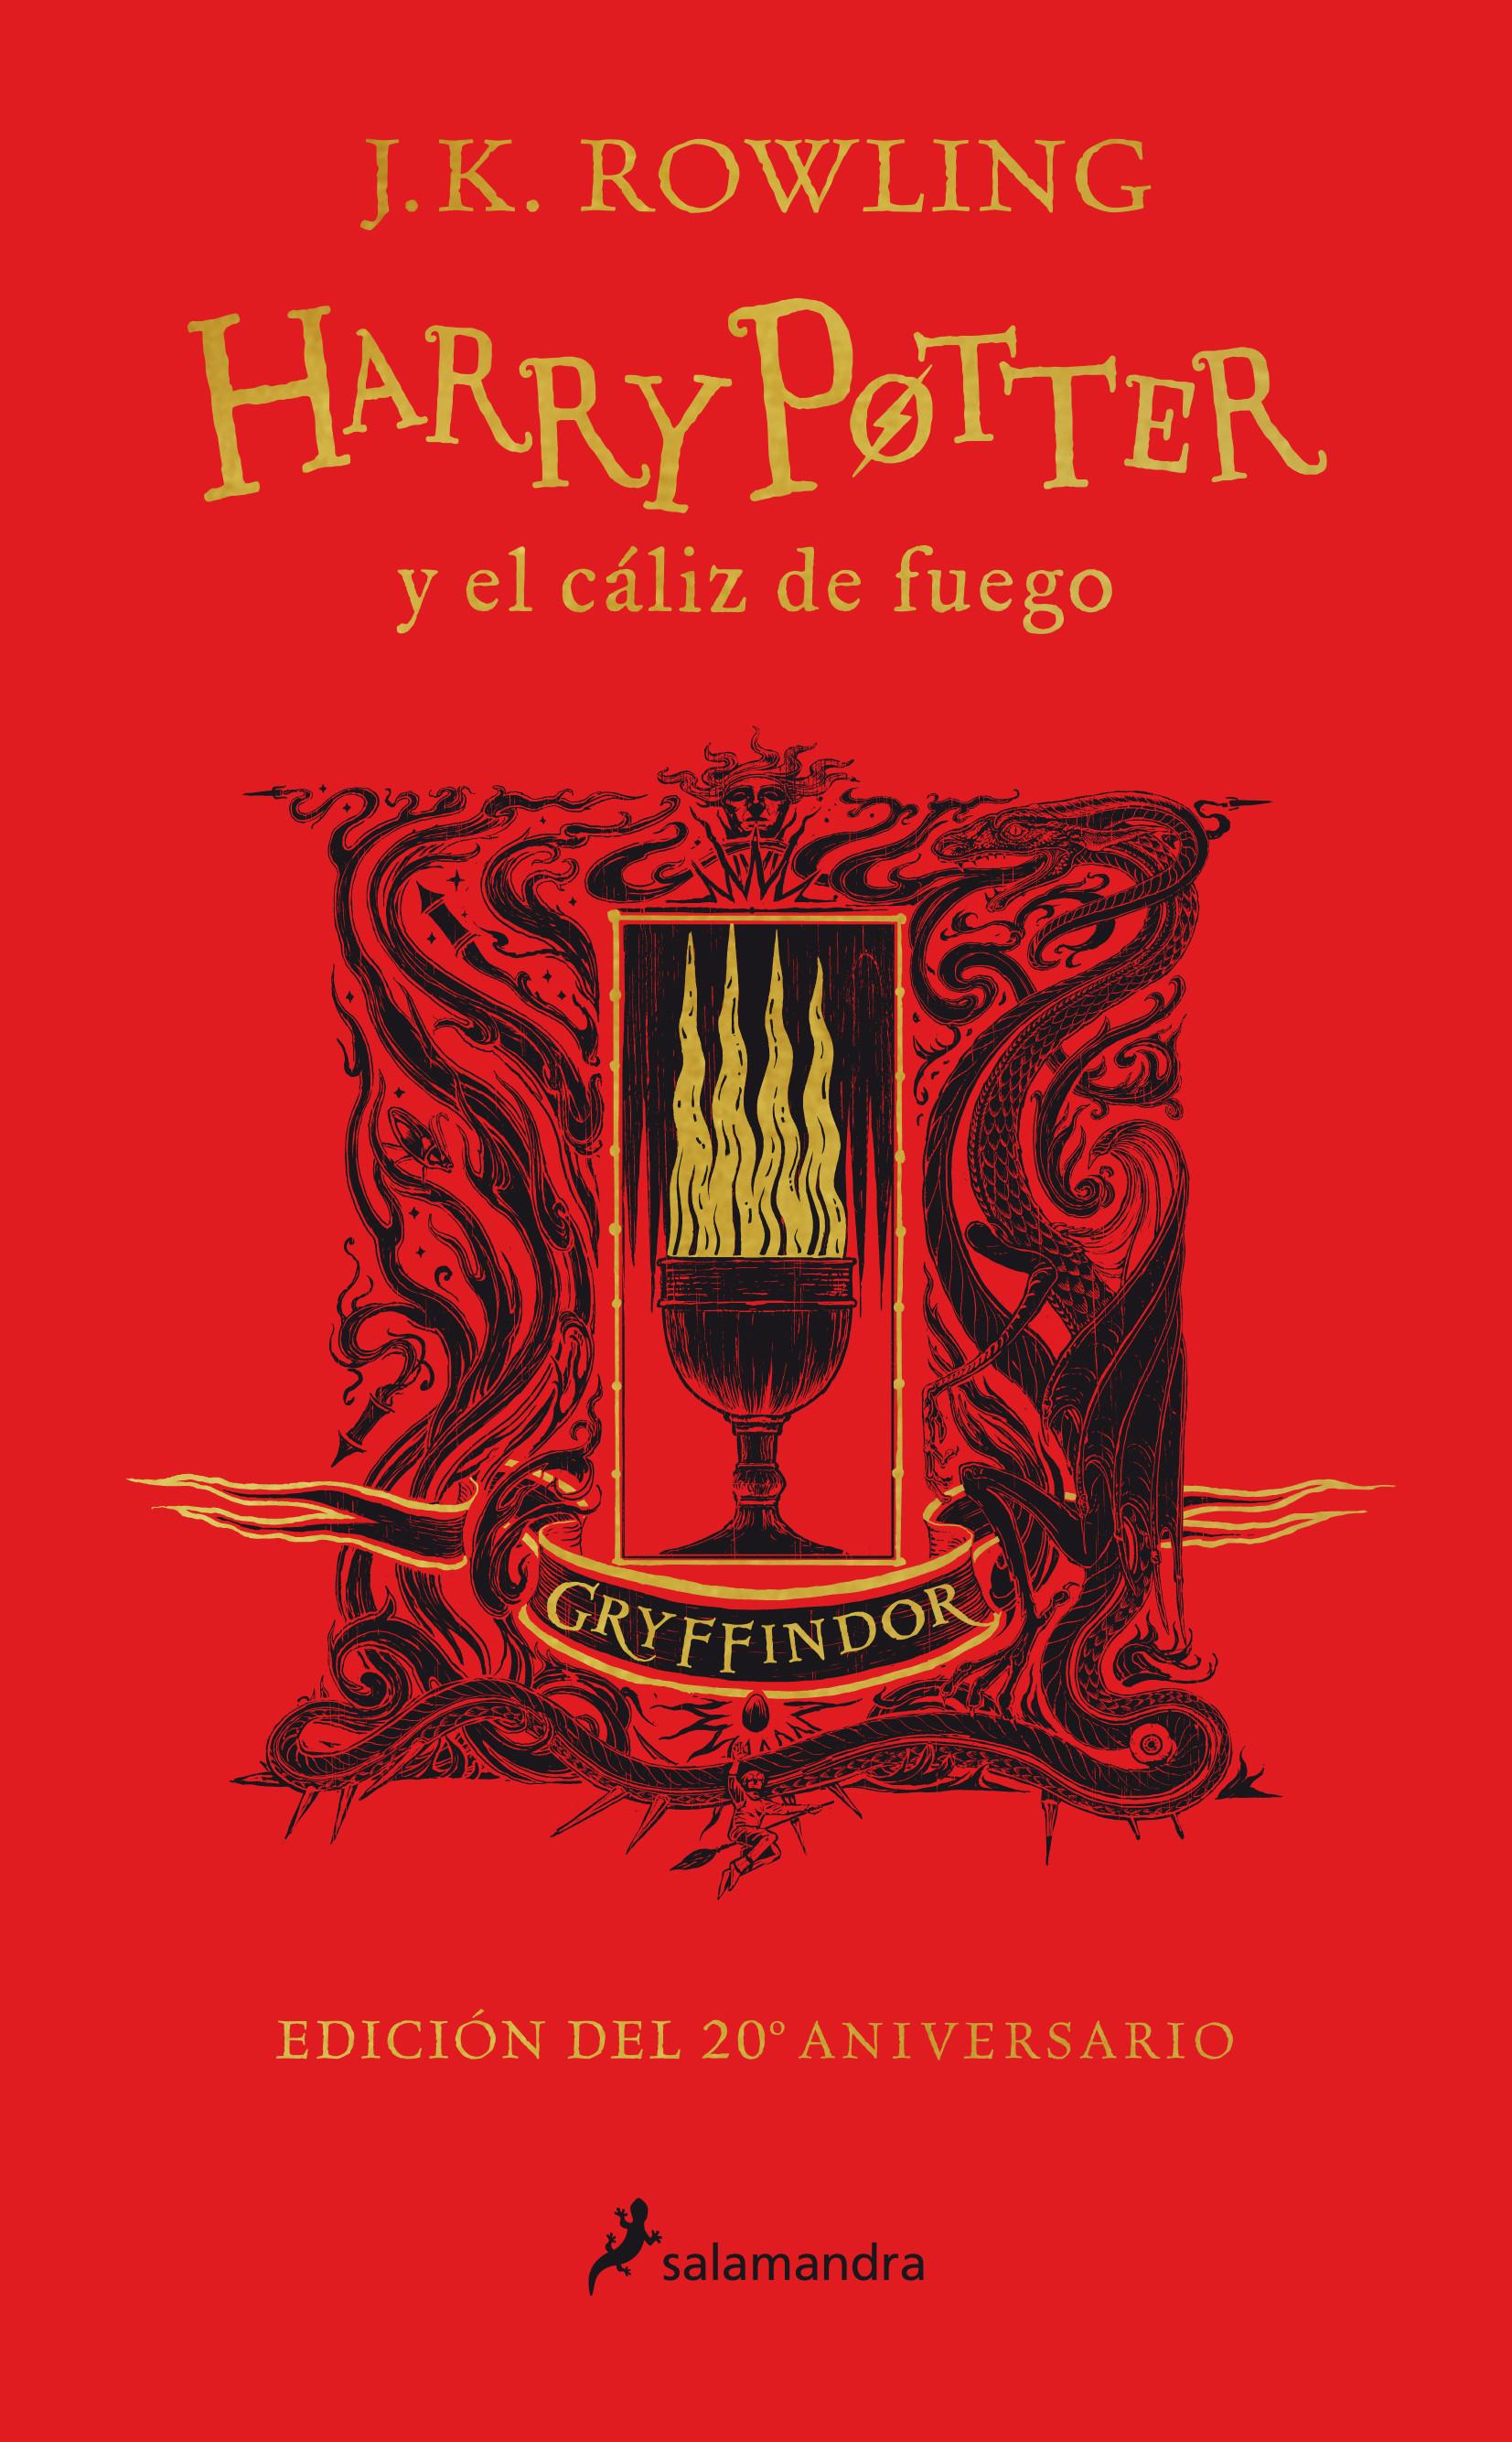 Harry Potter y el cáliz de fuego (edición Gryffindor de 20º aniversario) (Harry Potter 4)